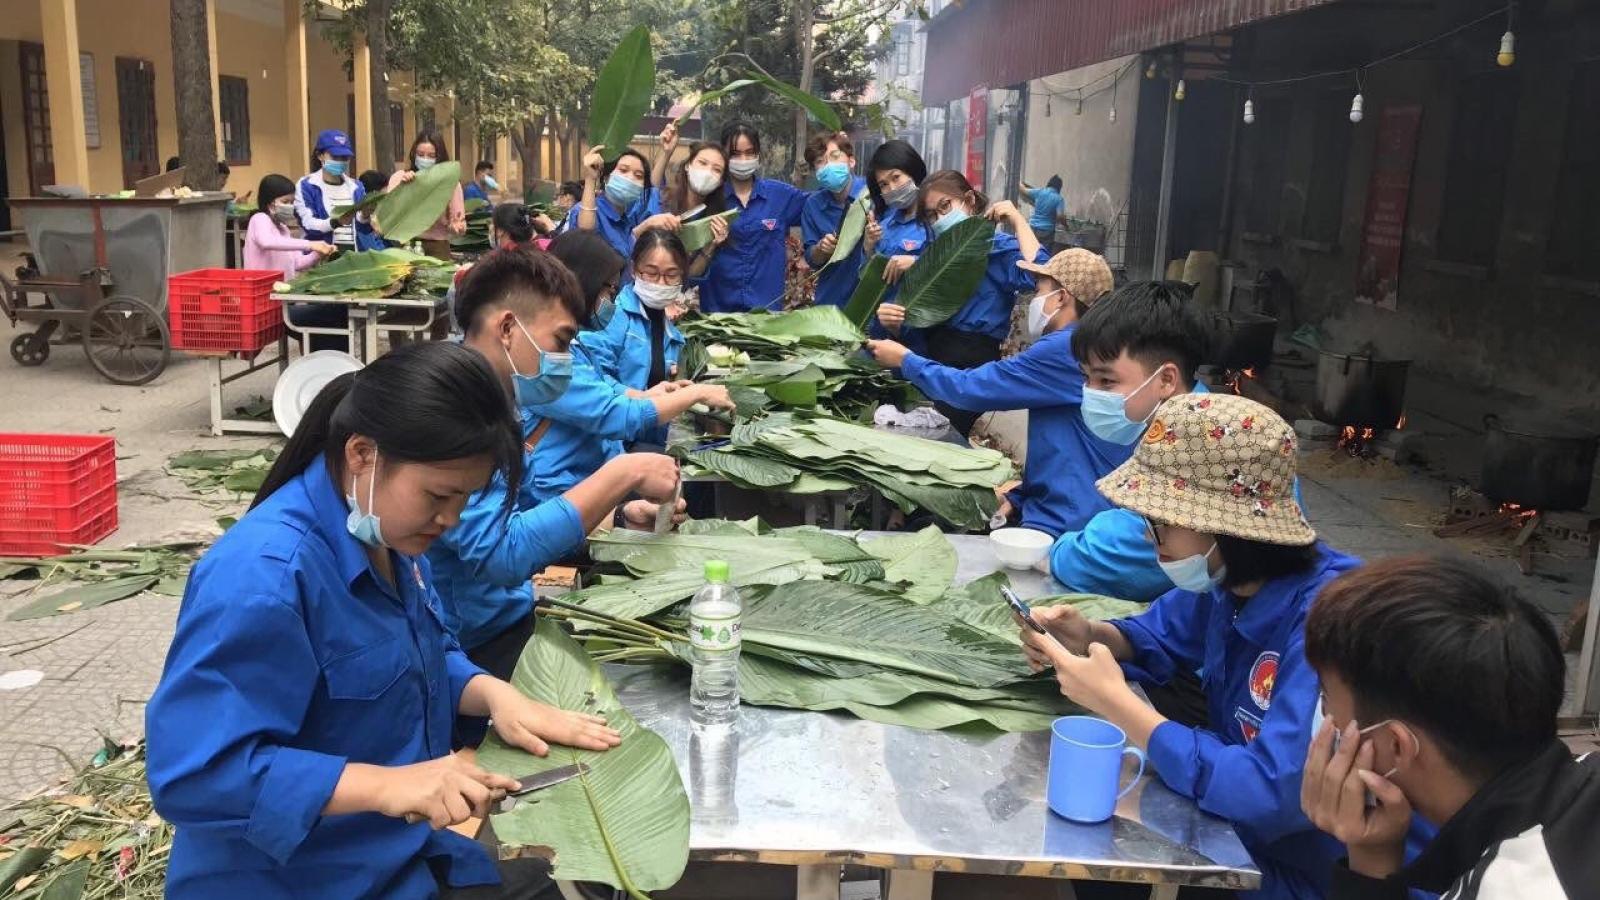 Trao tặng gần 8.000 chiếc bánh chưng và nhiều nhu yếu phẩm cho người dân đang cách ly